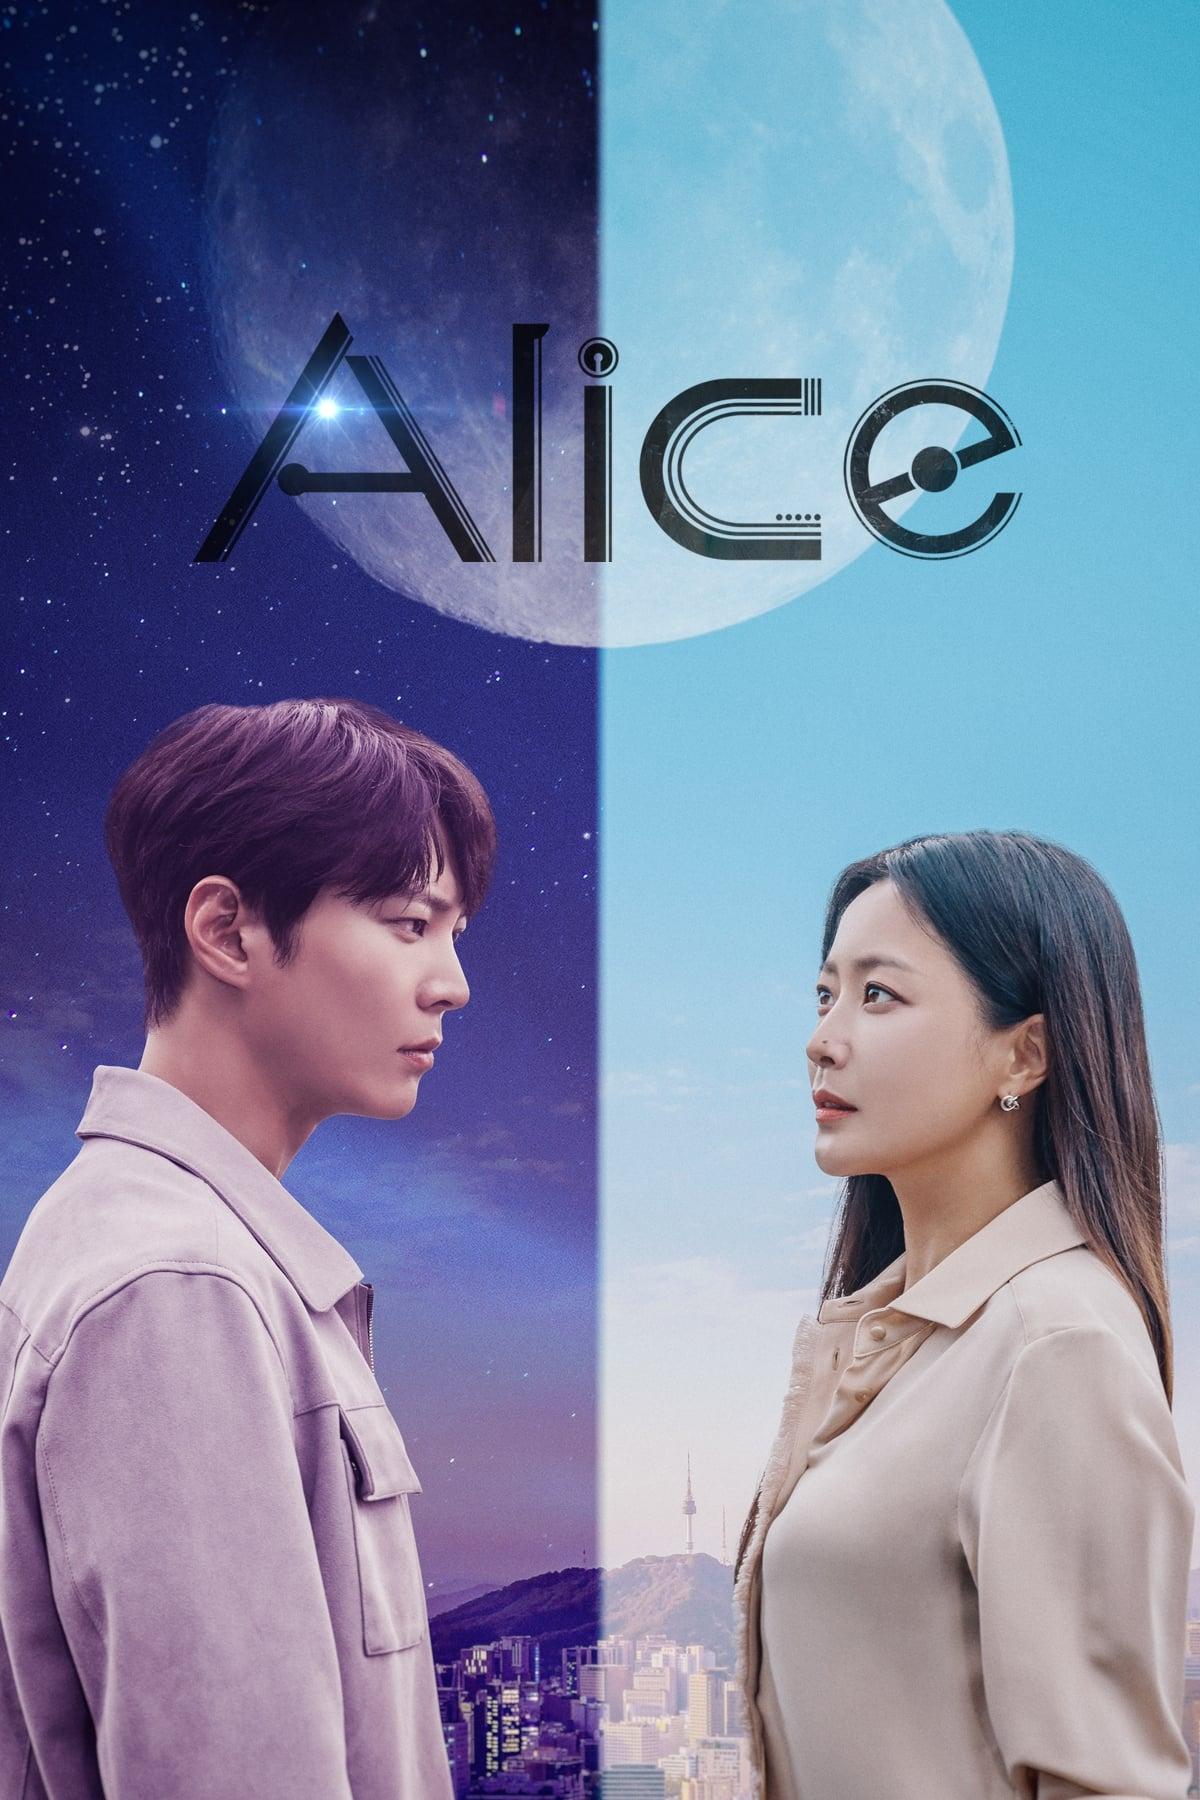 alice-2020-ตอนที่-1-5-ซับไทย